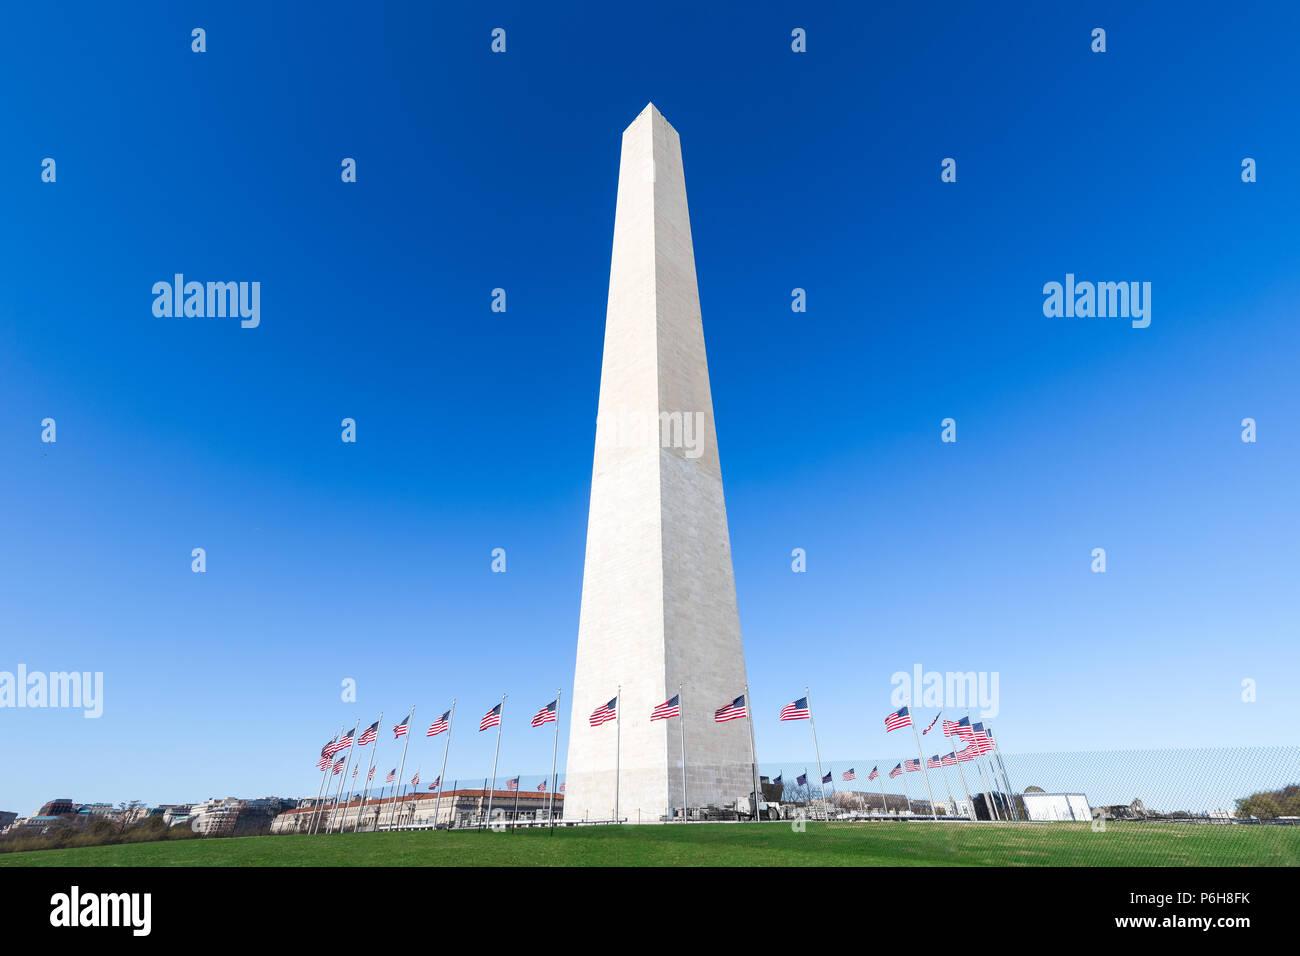 Il Monumento a Washington al National Mall con cielo blu chiaro, Washington DC, Stati Uniti d'America Immagini Stock